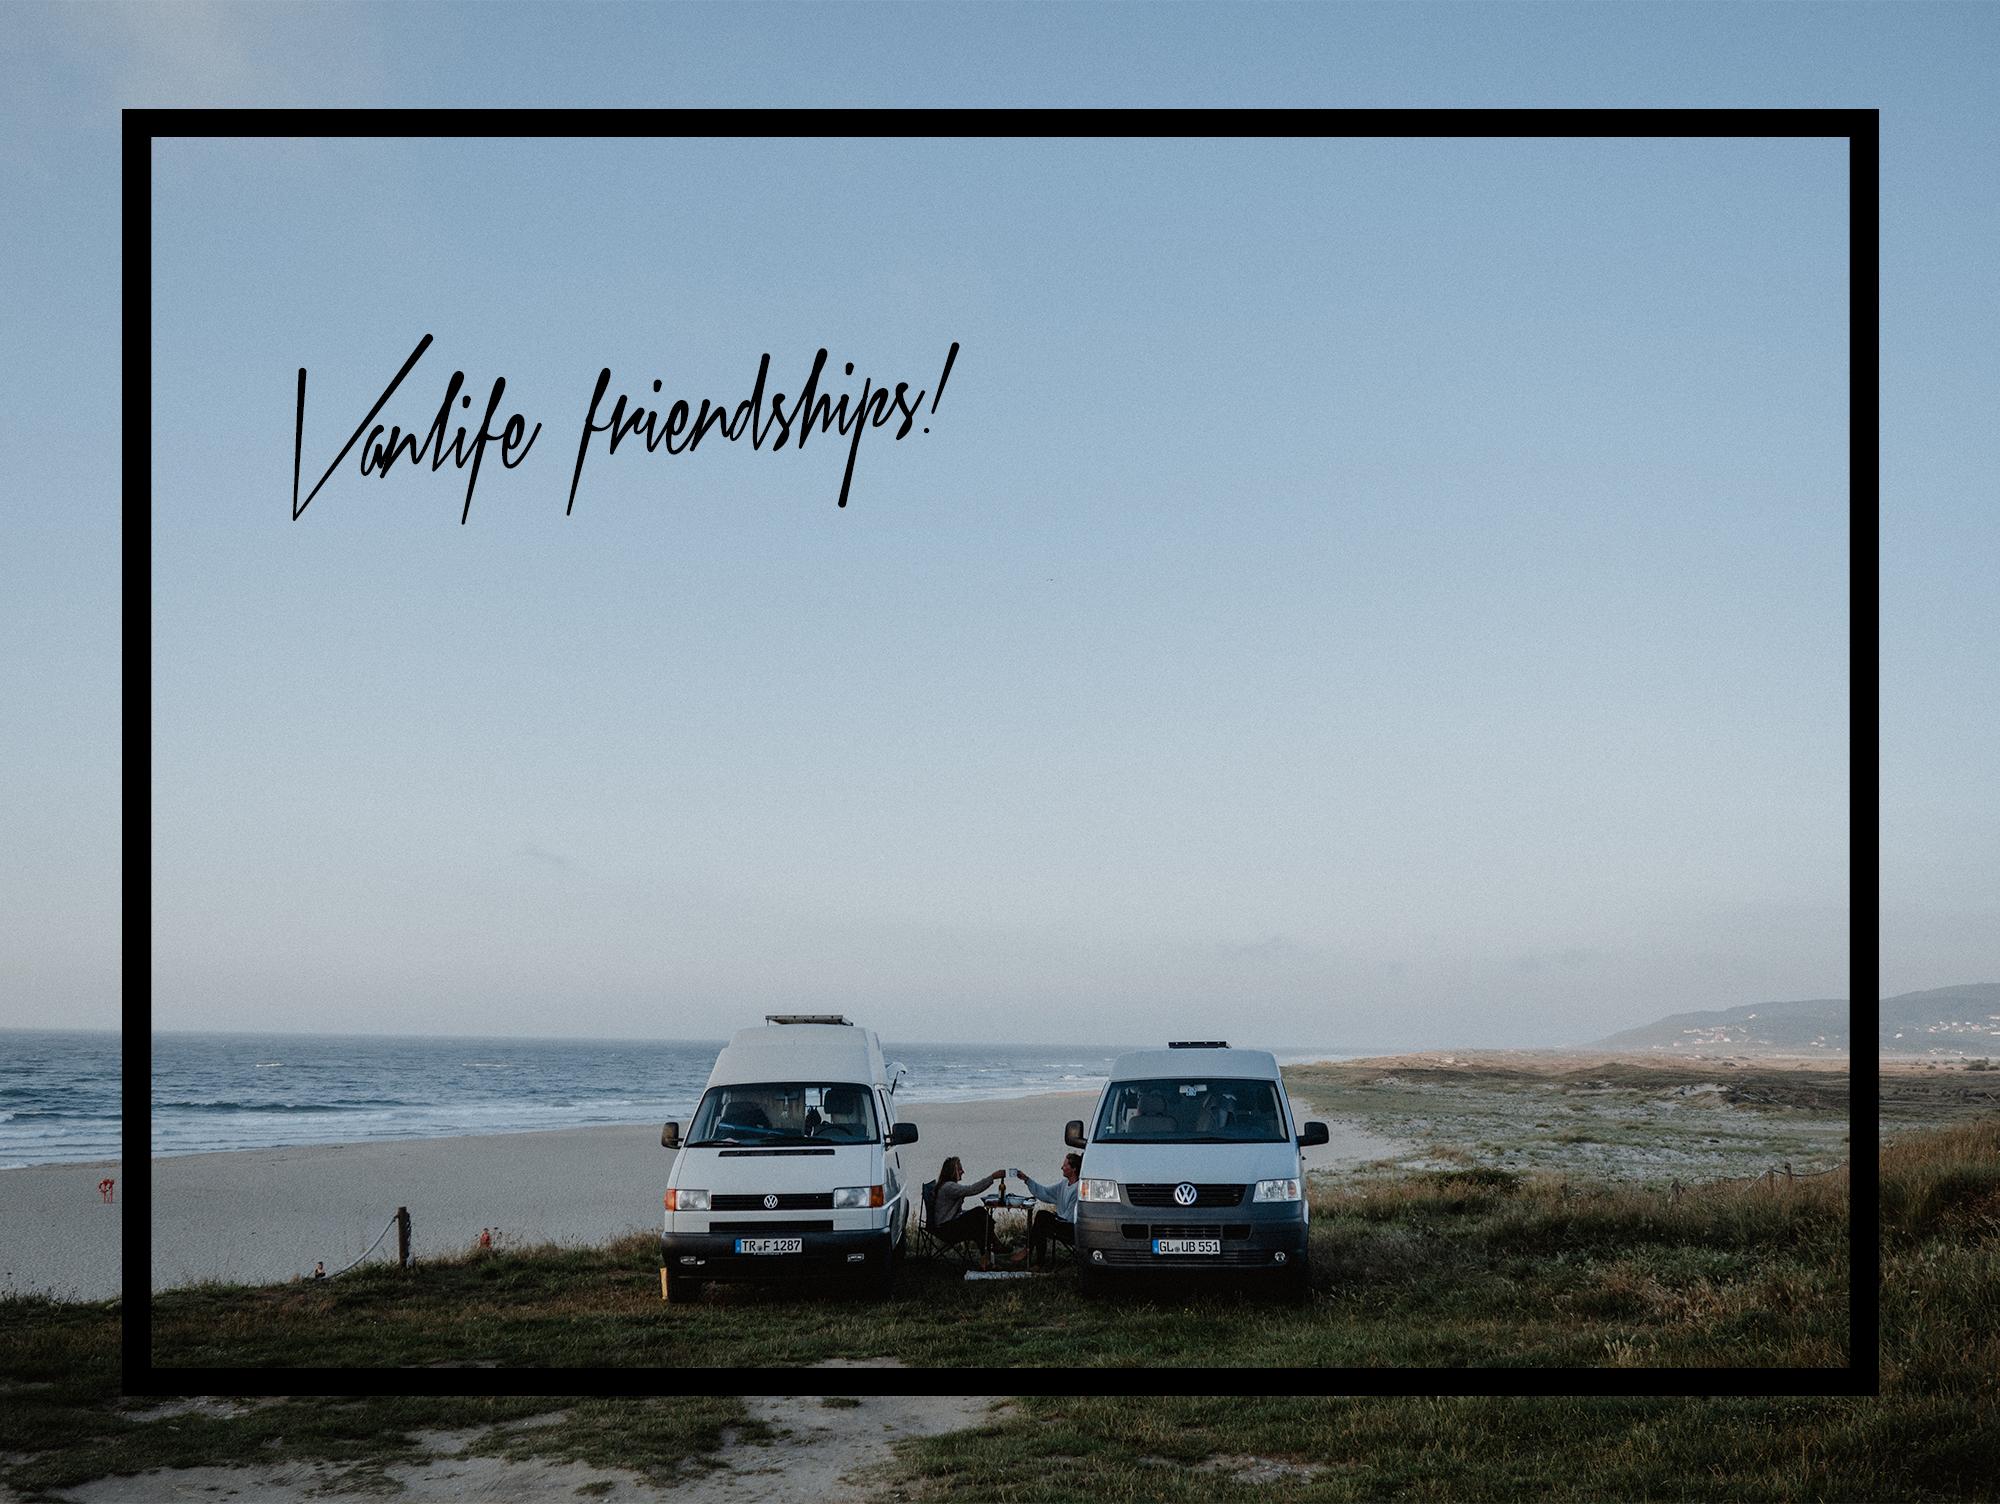 vanlife-friendships